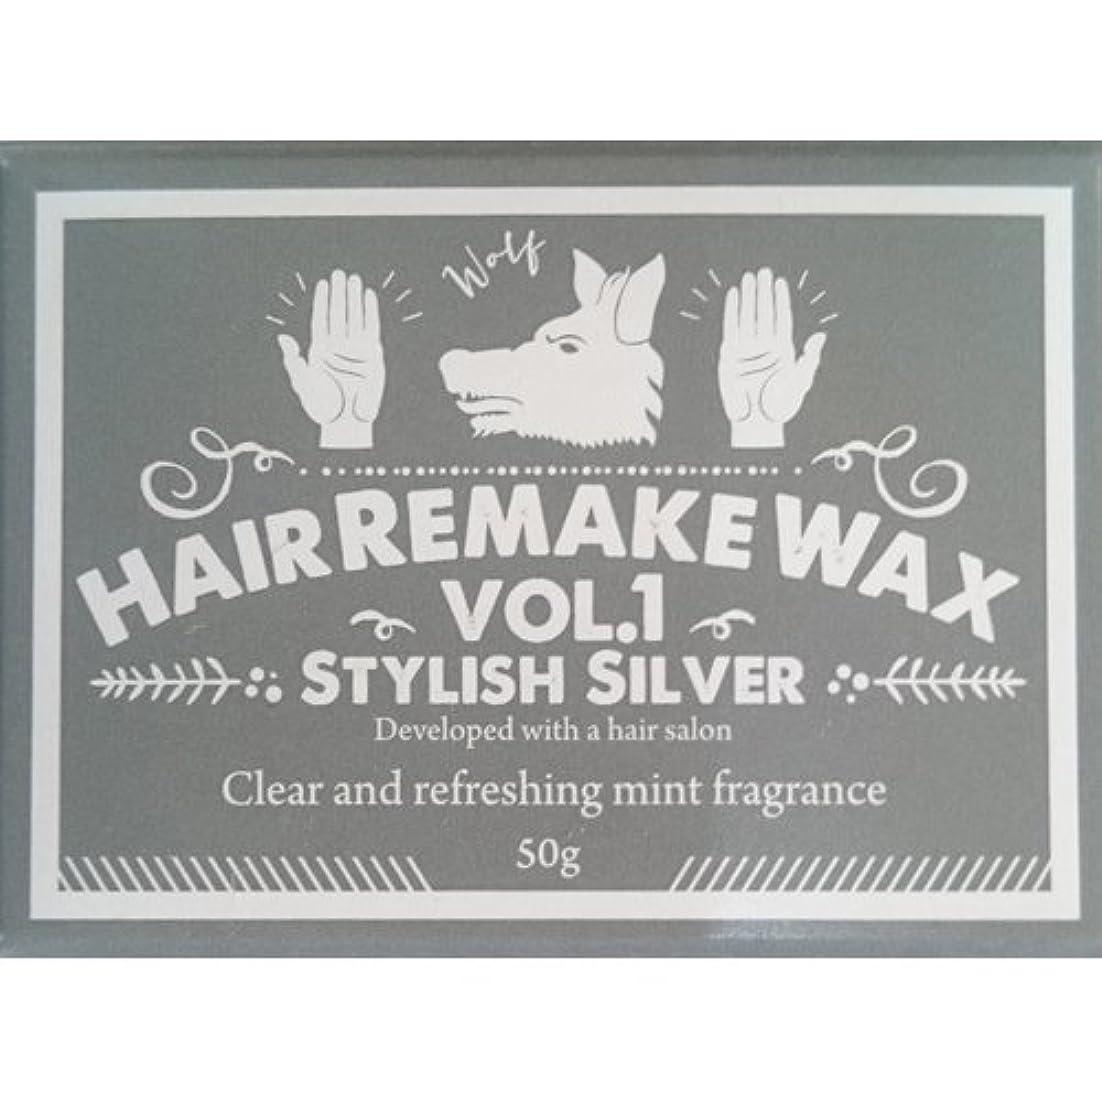 差別十一帰るHair Remake(ヘアーリメイク)WAX Vol.1 スタイリッシュシルバー 50g